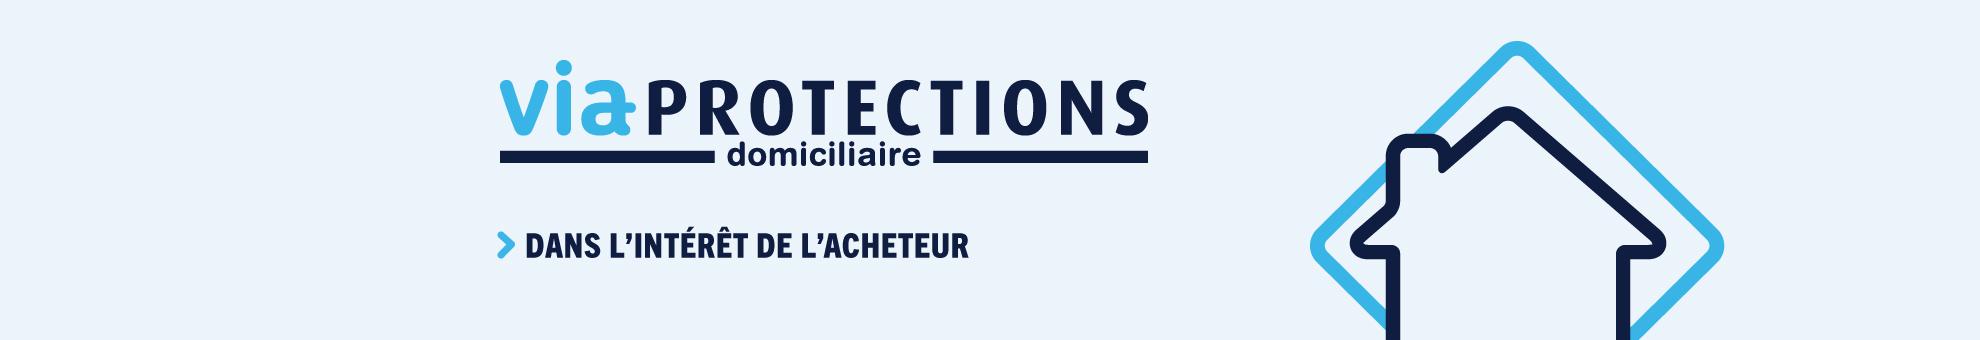 protection-domiciliaire-fr-bandeau.jpg